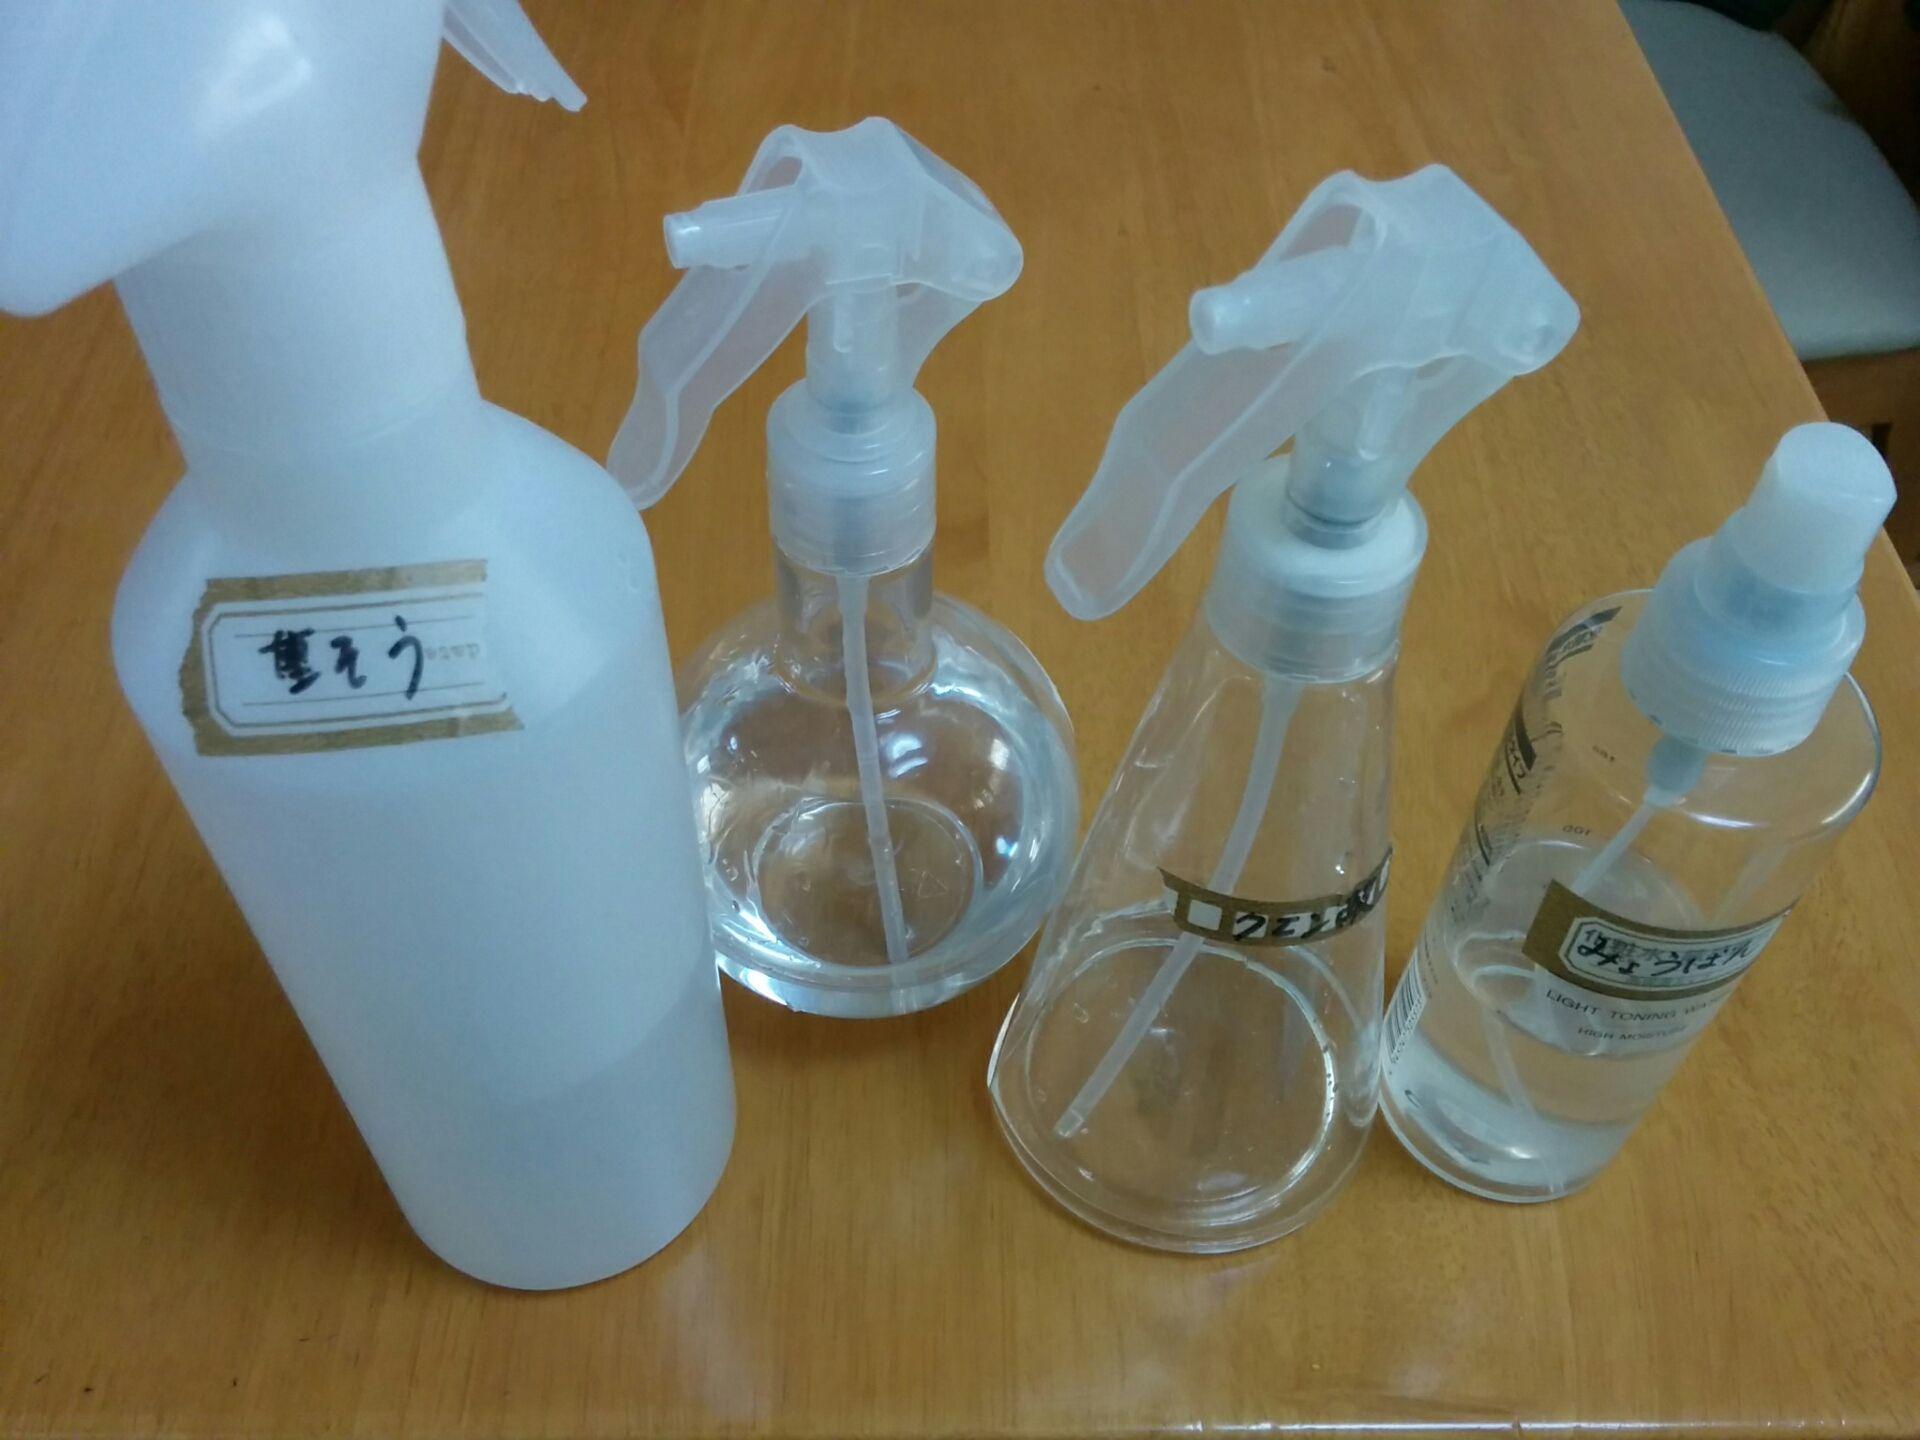 使った洗剤は、重曹水、ミョウバン水、クエン酸水、エタノール水です。